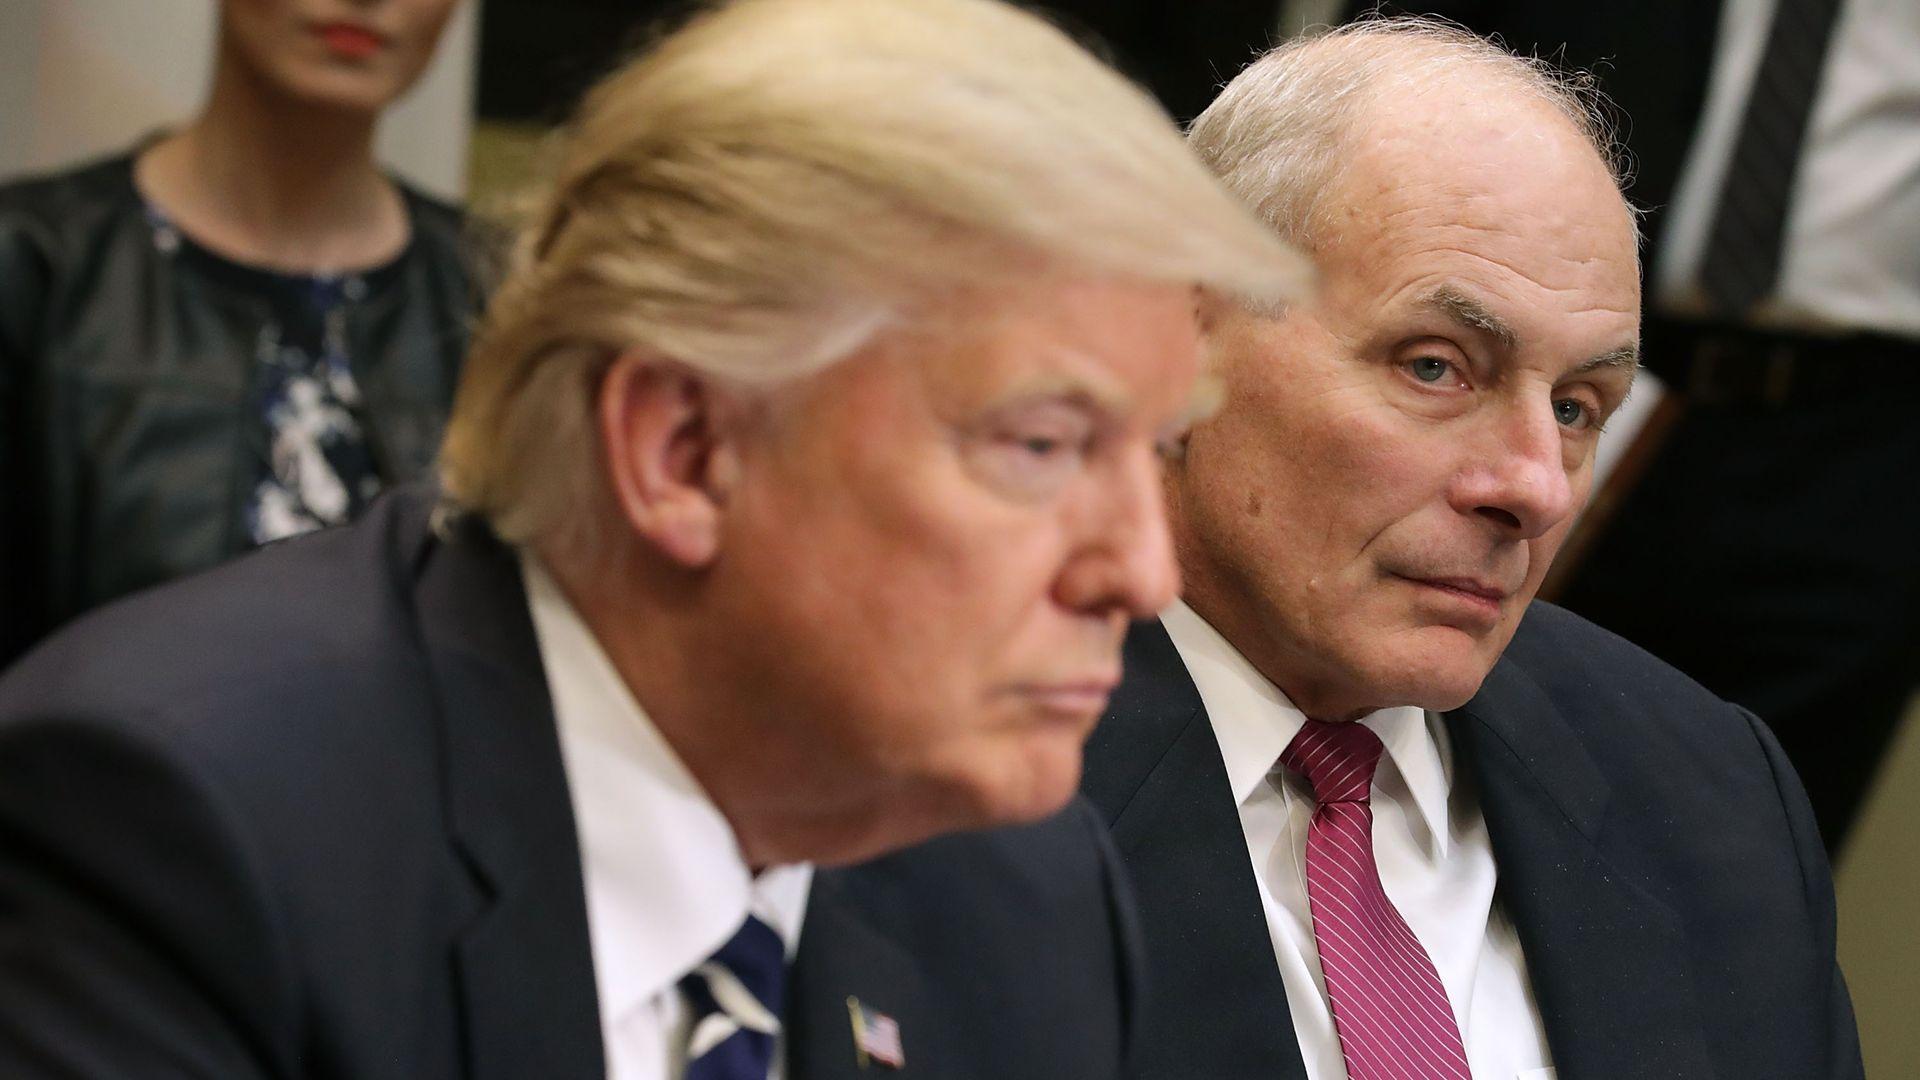 John Kelly aux côtés du président Trump à la Maison Blanche en janvier 2017.